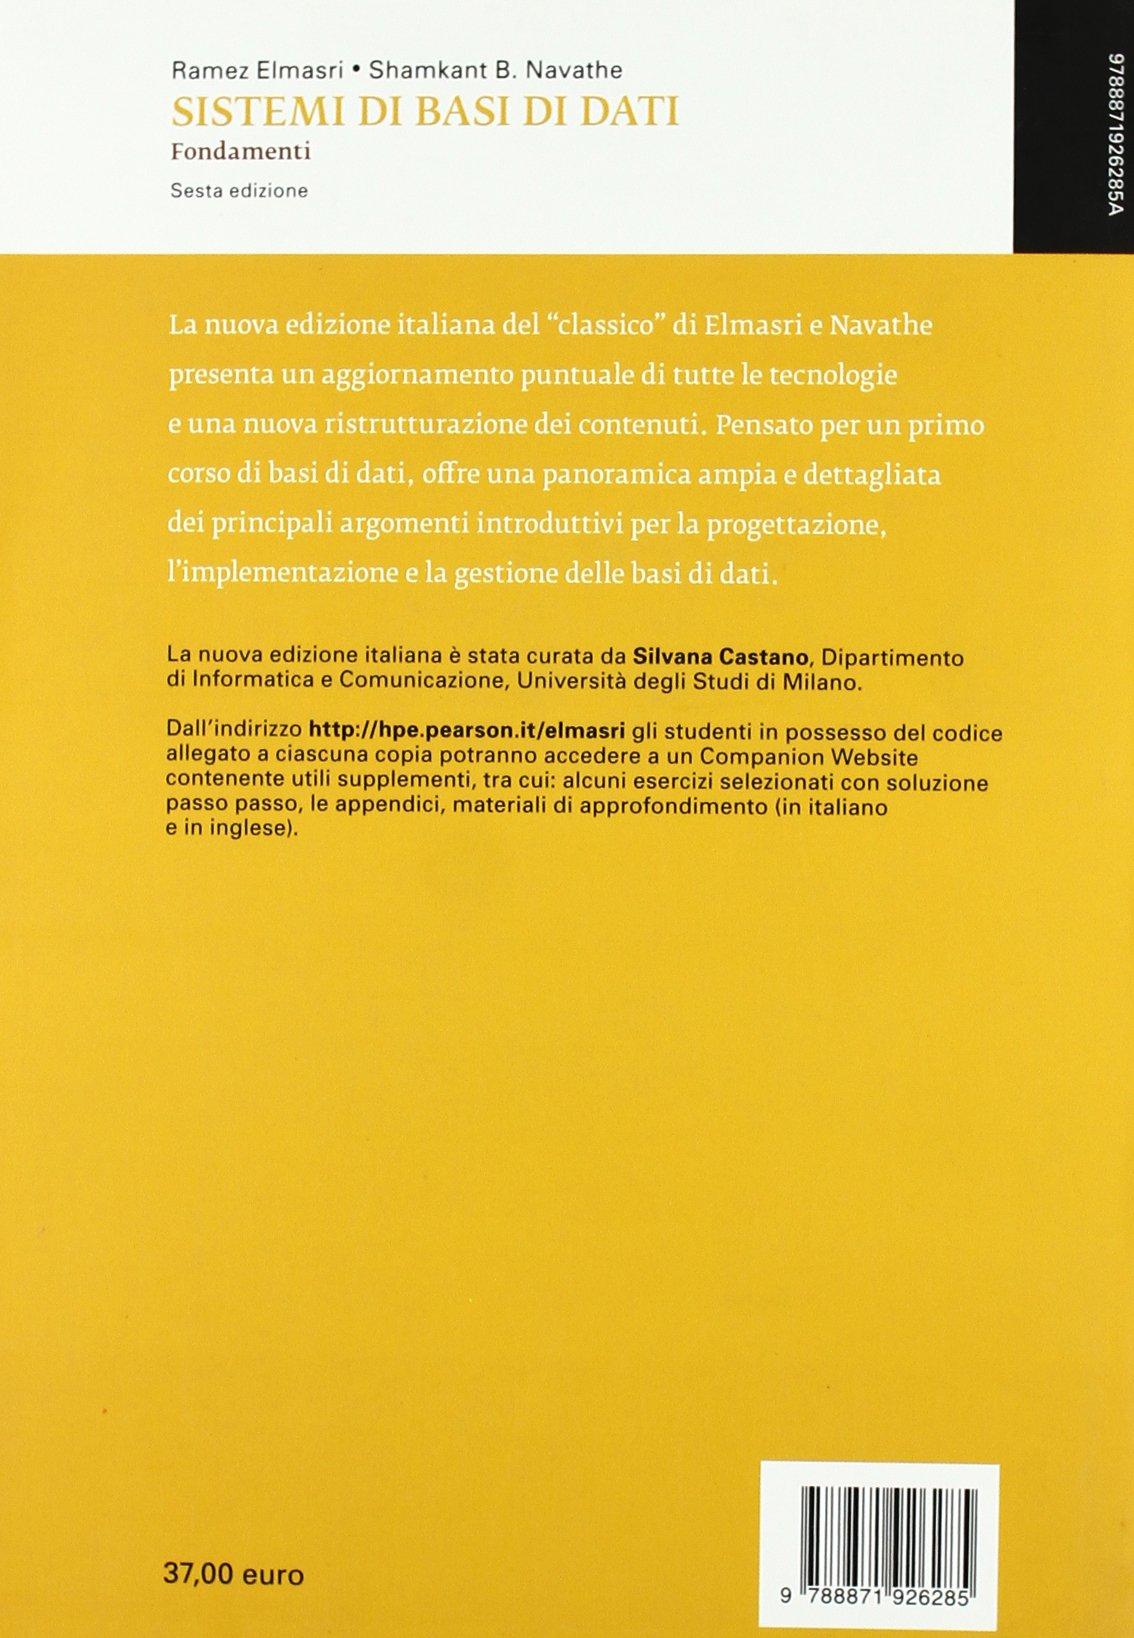 SISTEMI DI BASI DI DATI PDF DOWNLOAD